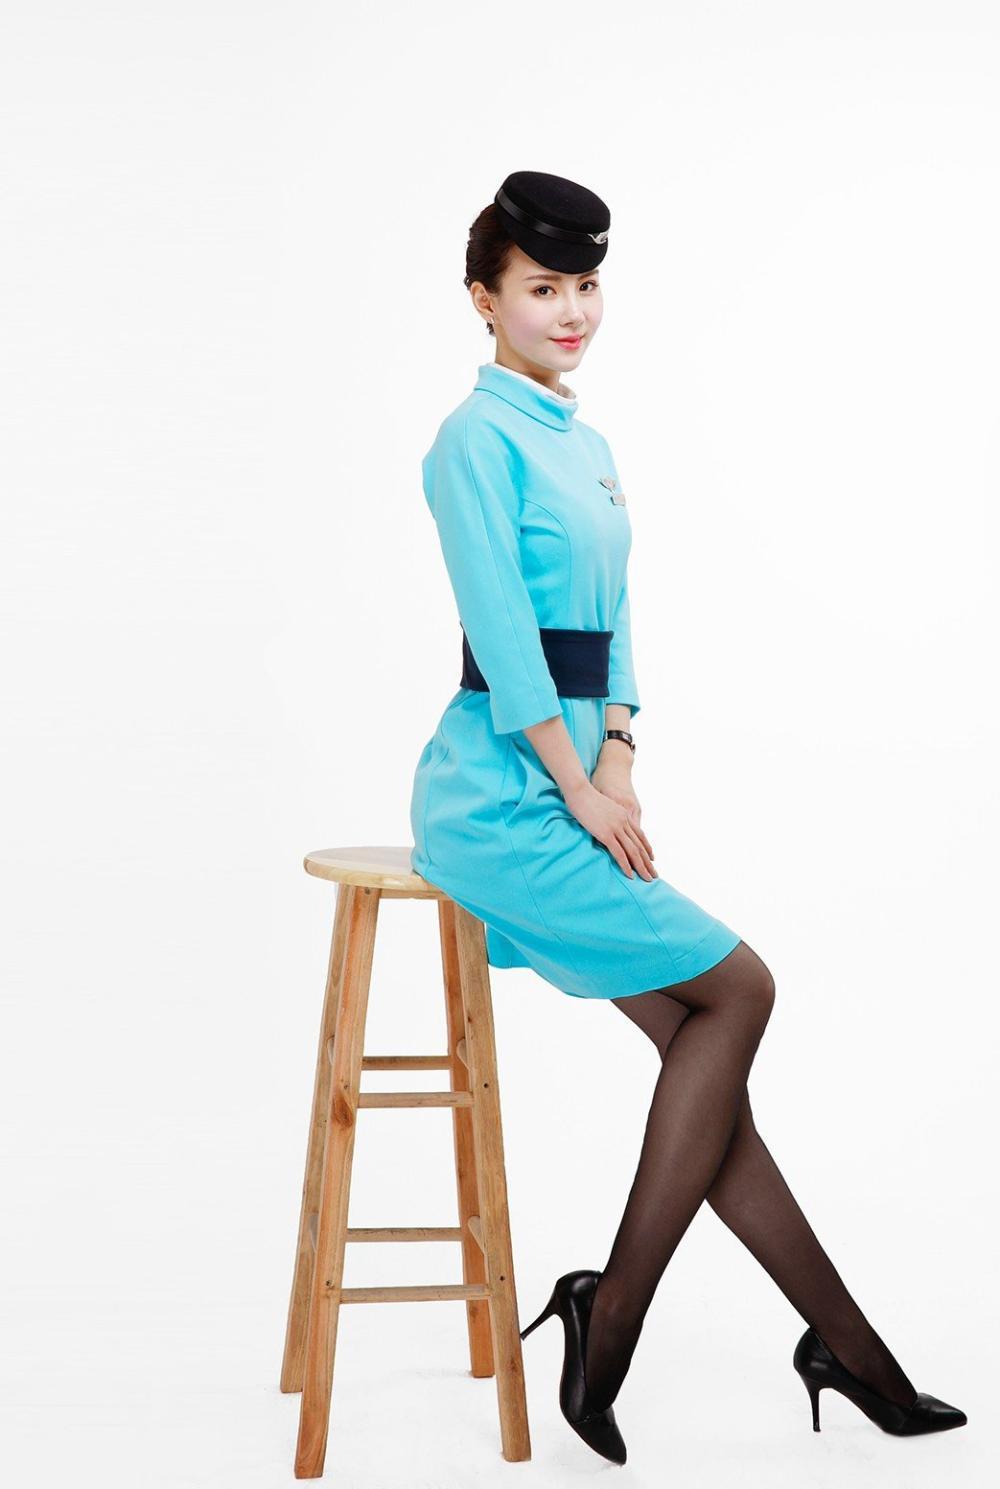 空姐标准坐姿_厦门航空空姐制服照,看看厦航空姐的惊艳,优雅端庄的坐姿,摄影:风中的